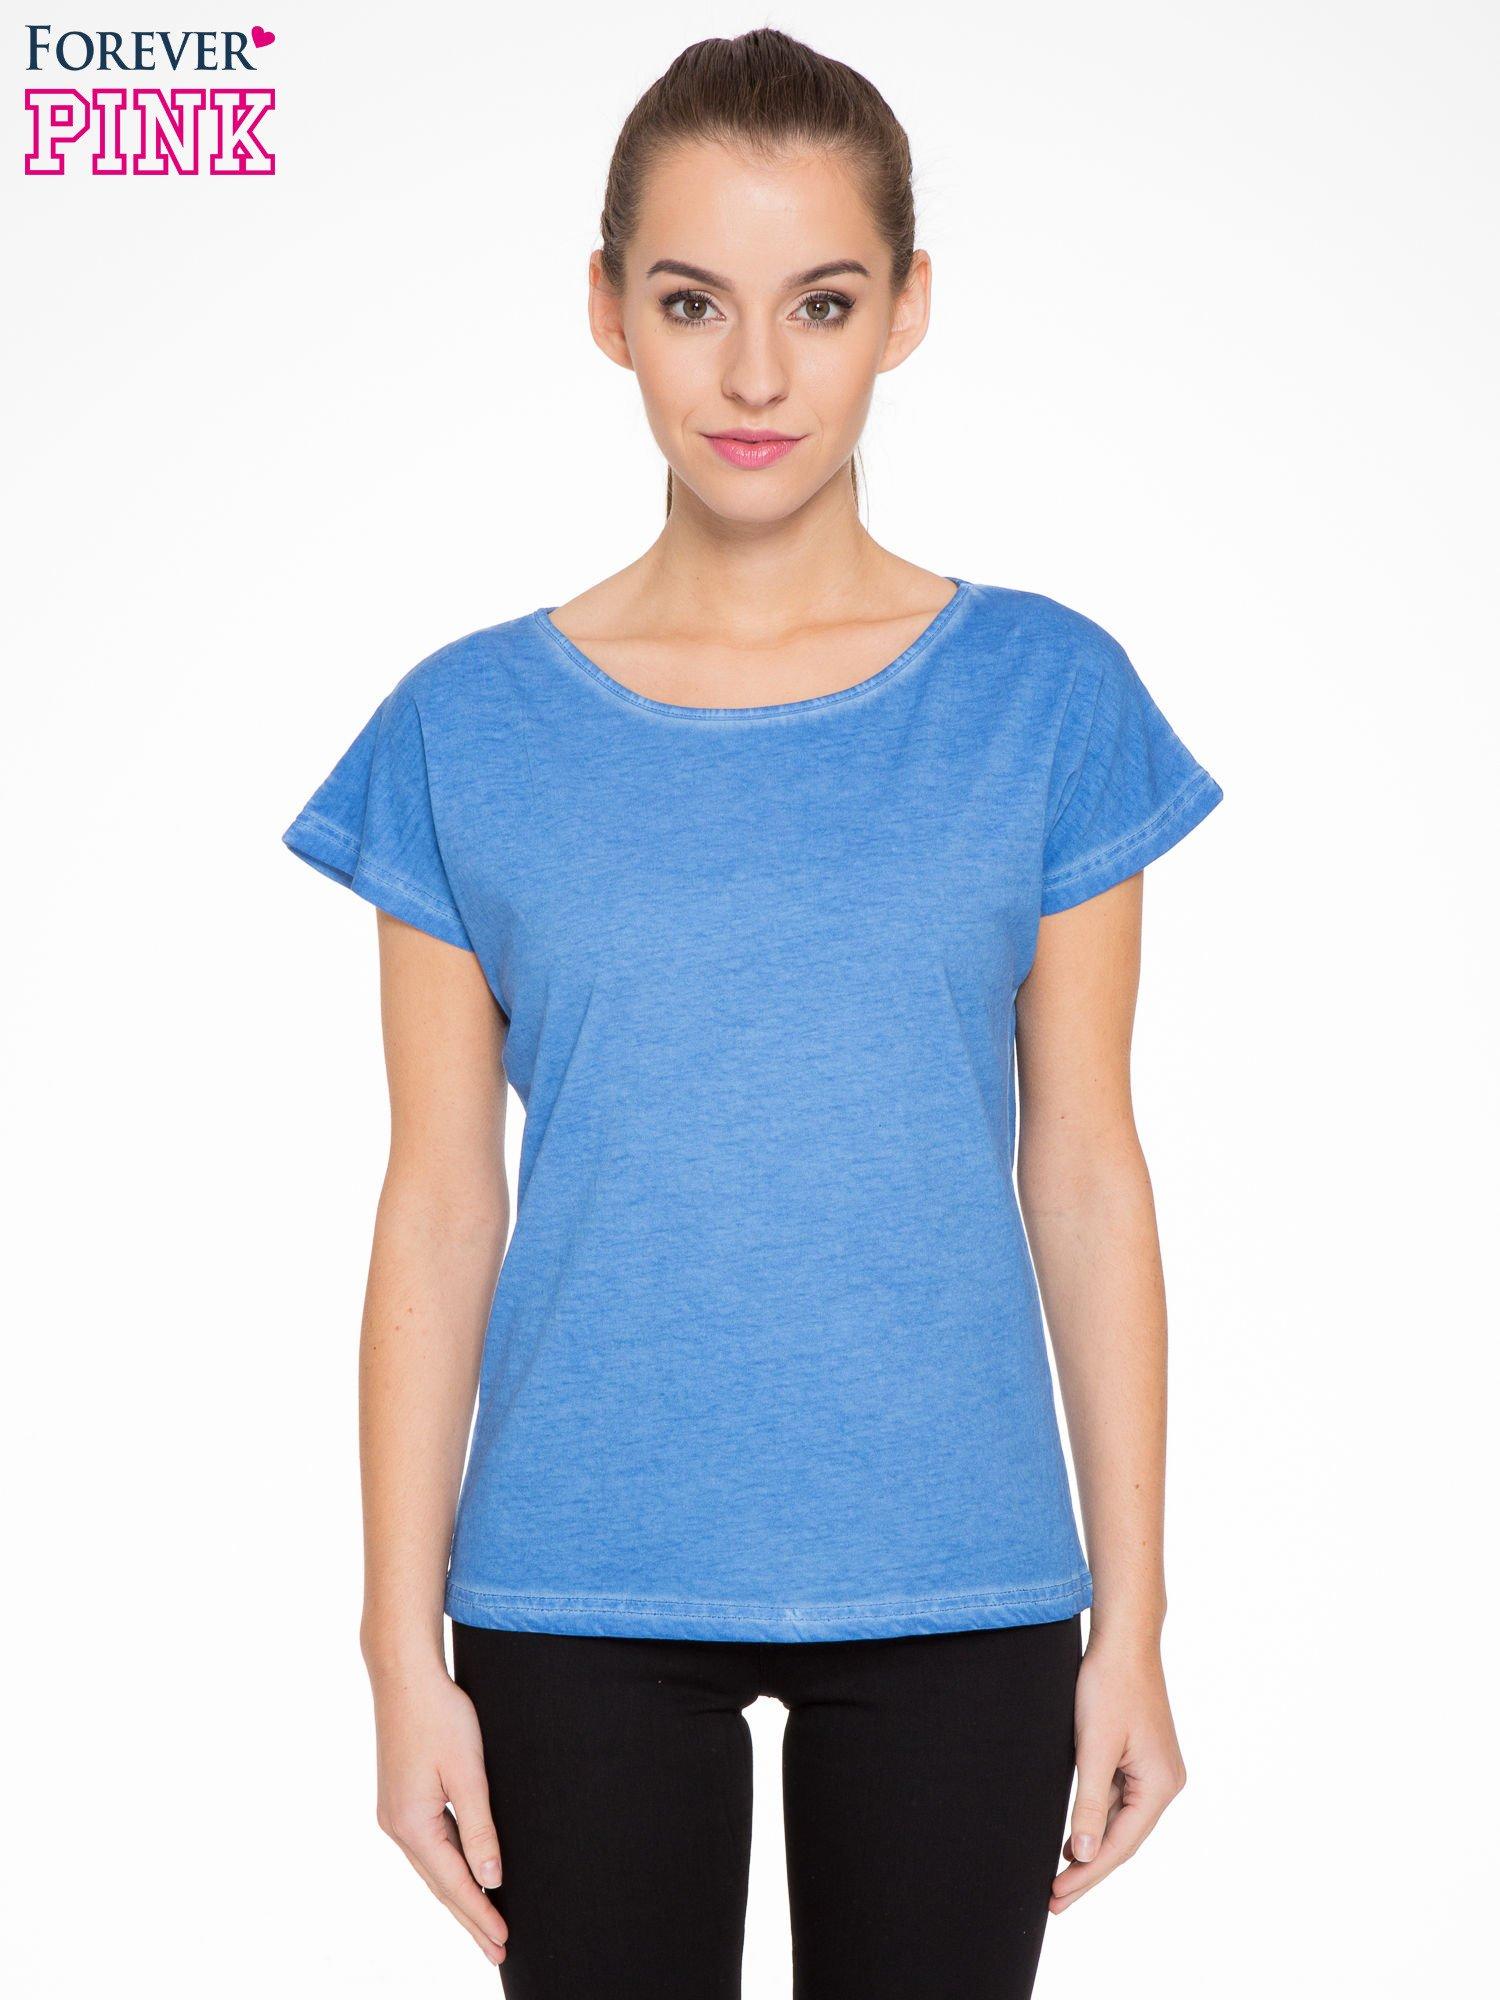 Niebieski t-shirt z dekatyzowanym efektem                                  zdj.                                  1